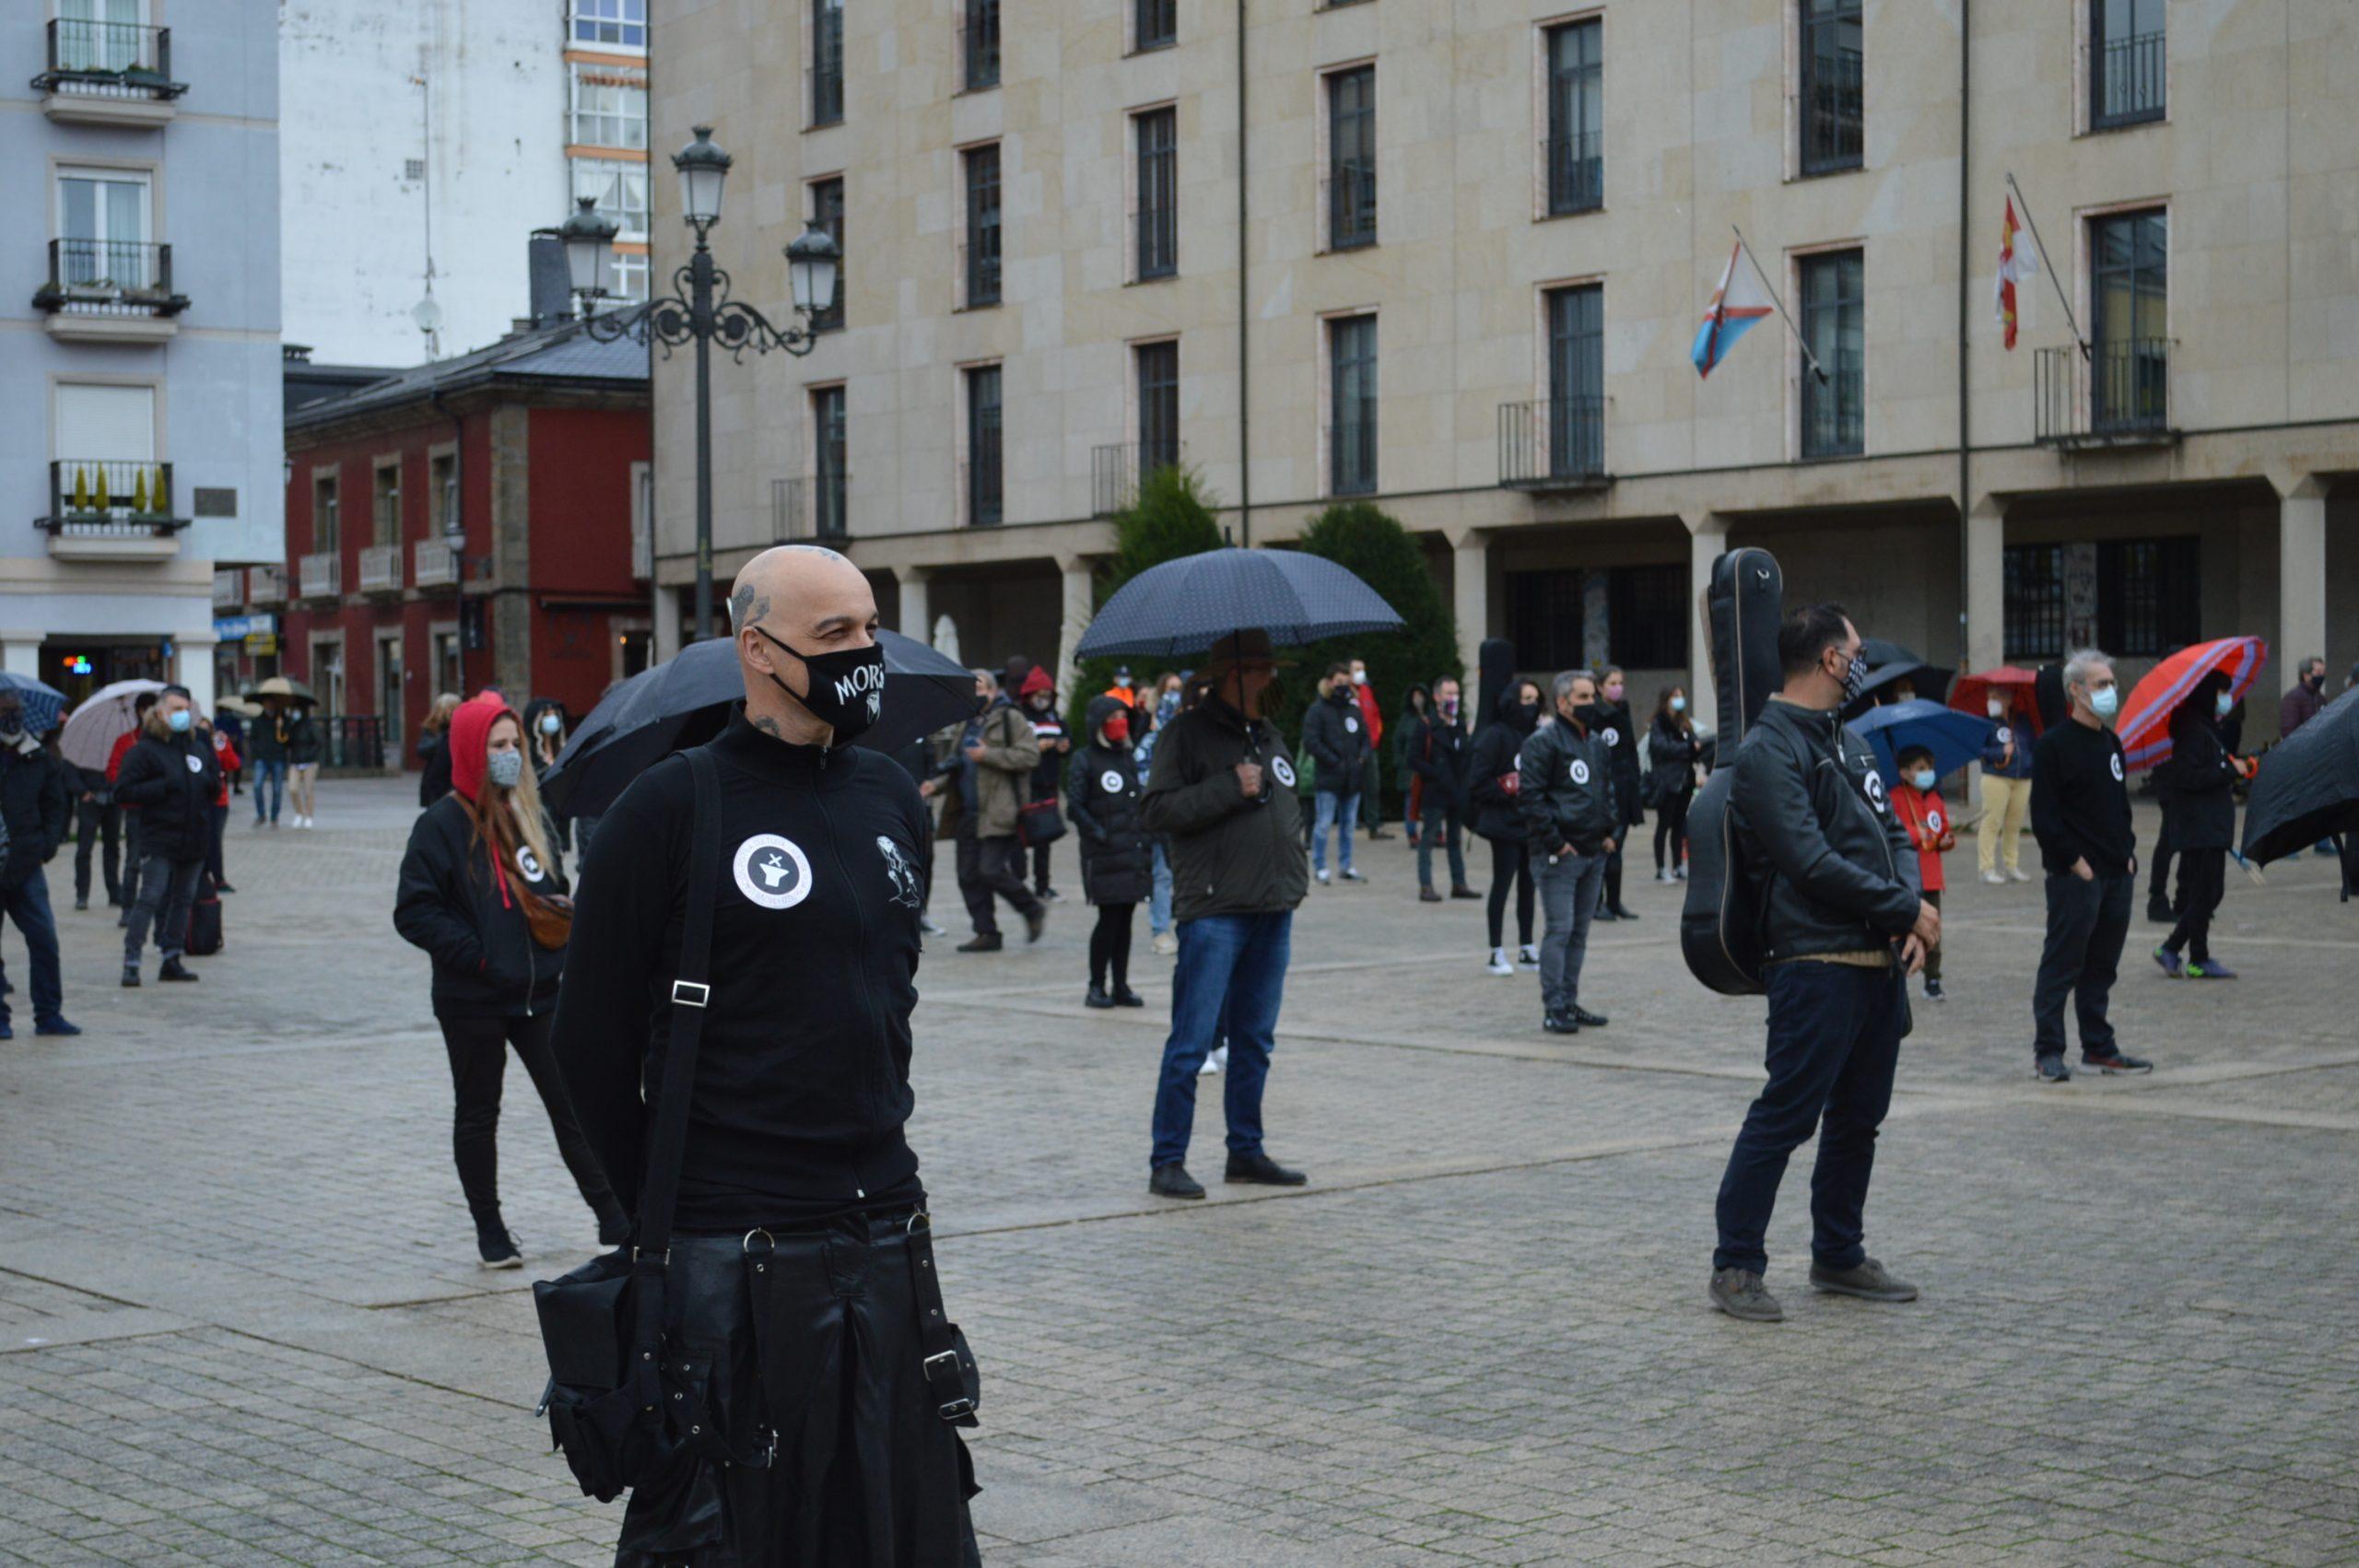 El sector de la cultura berciana activa la #alertaroja movilizándose en la plaza del Ayuntamiento de Ponferrada 19